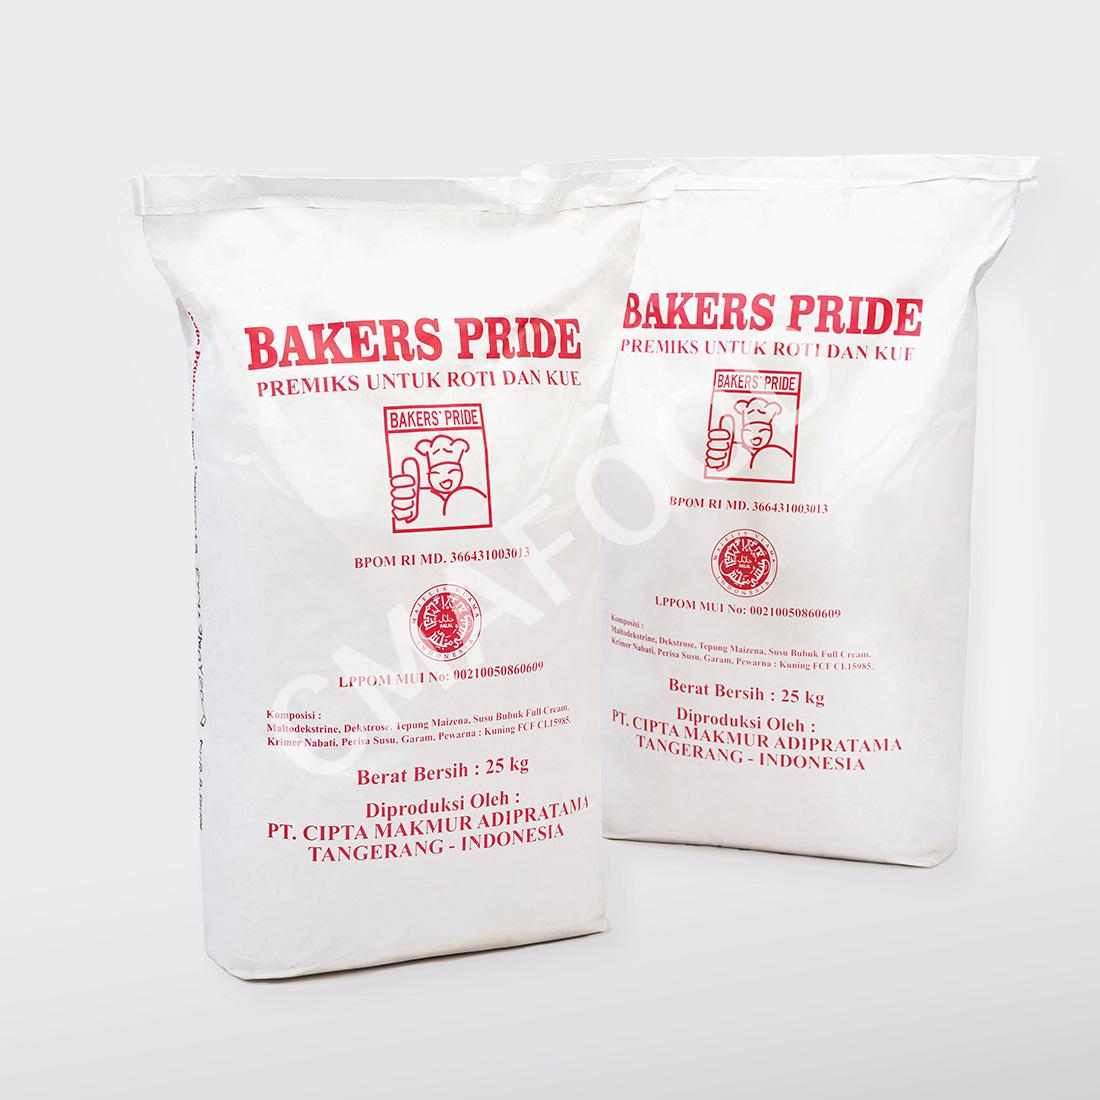 Bakers Pride Premix Photo 2